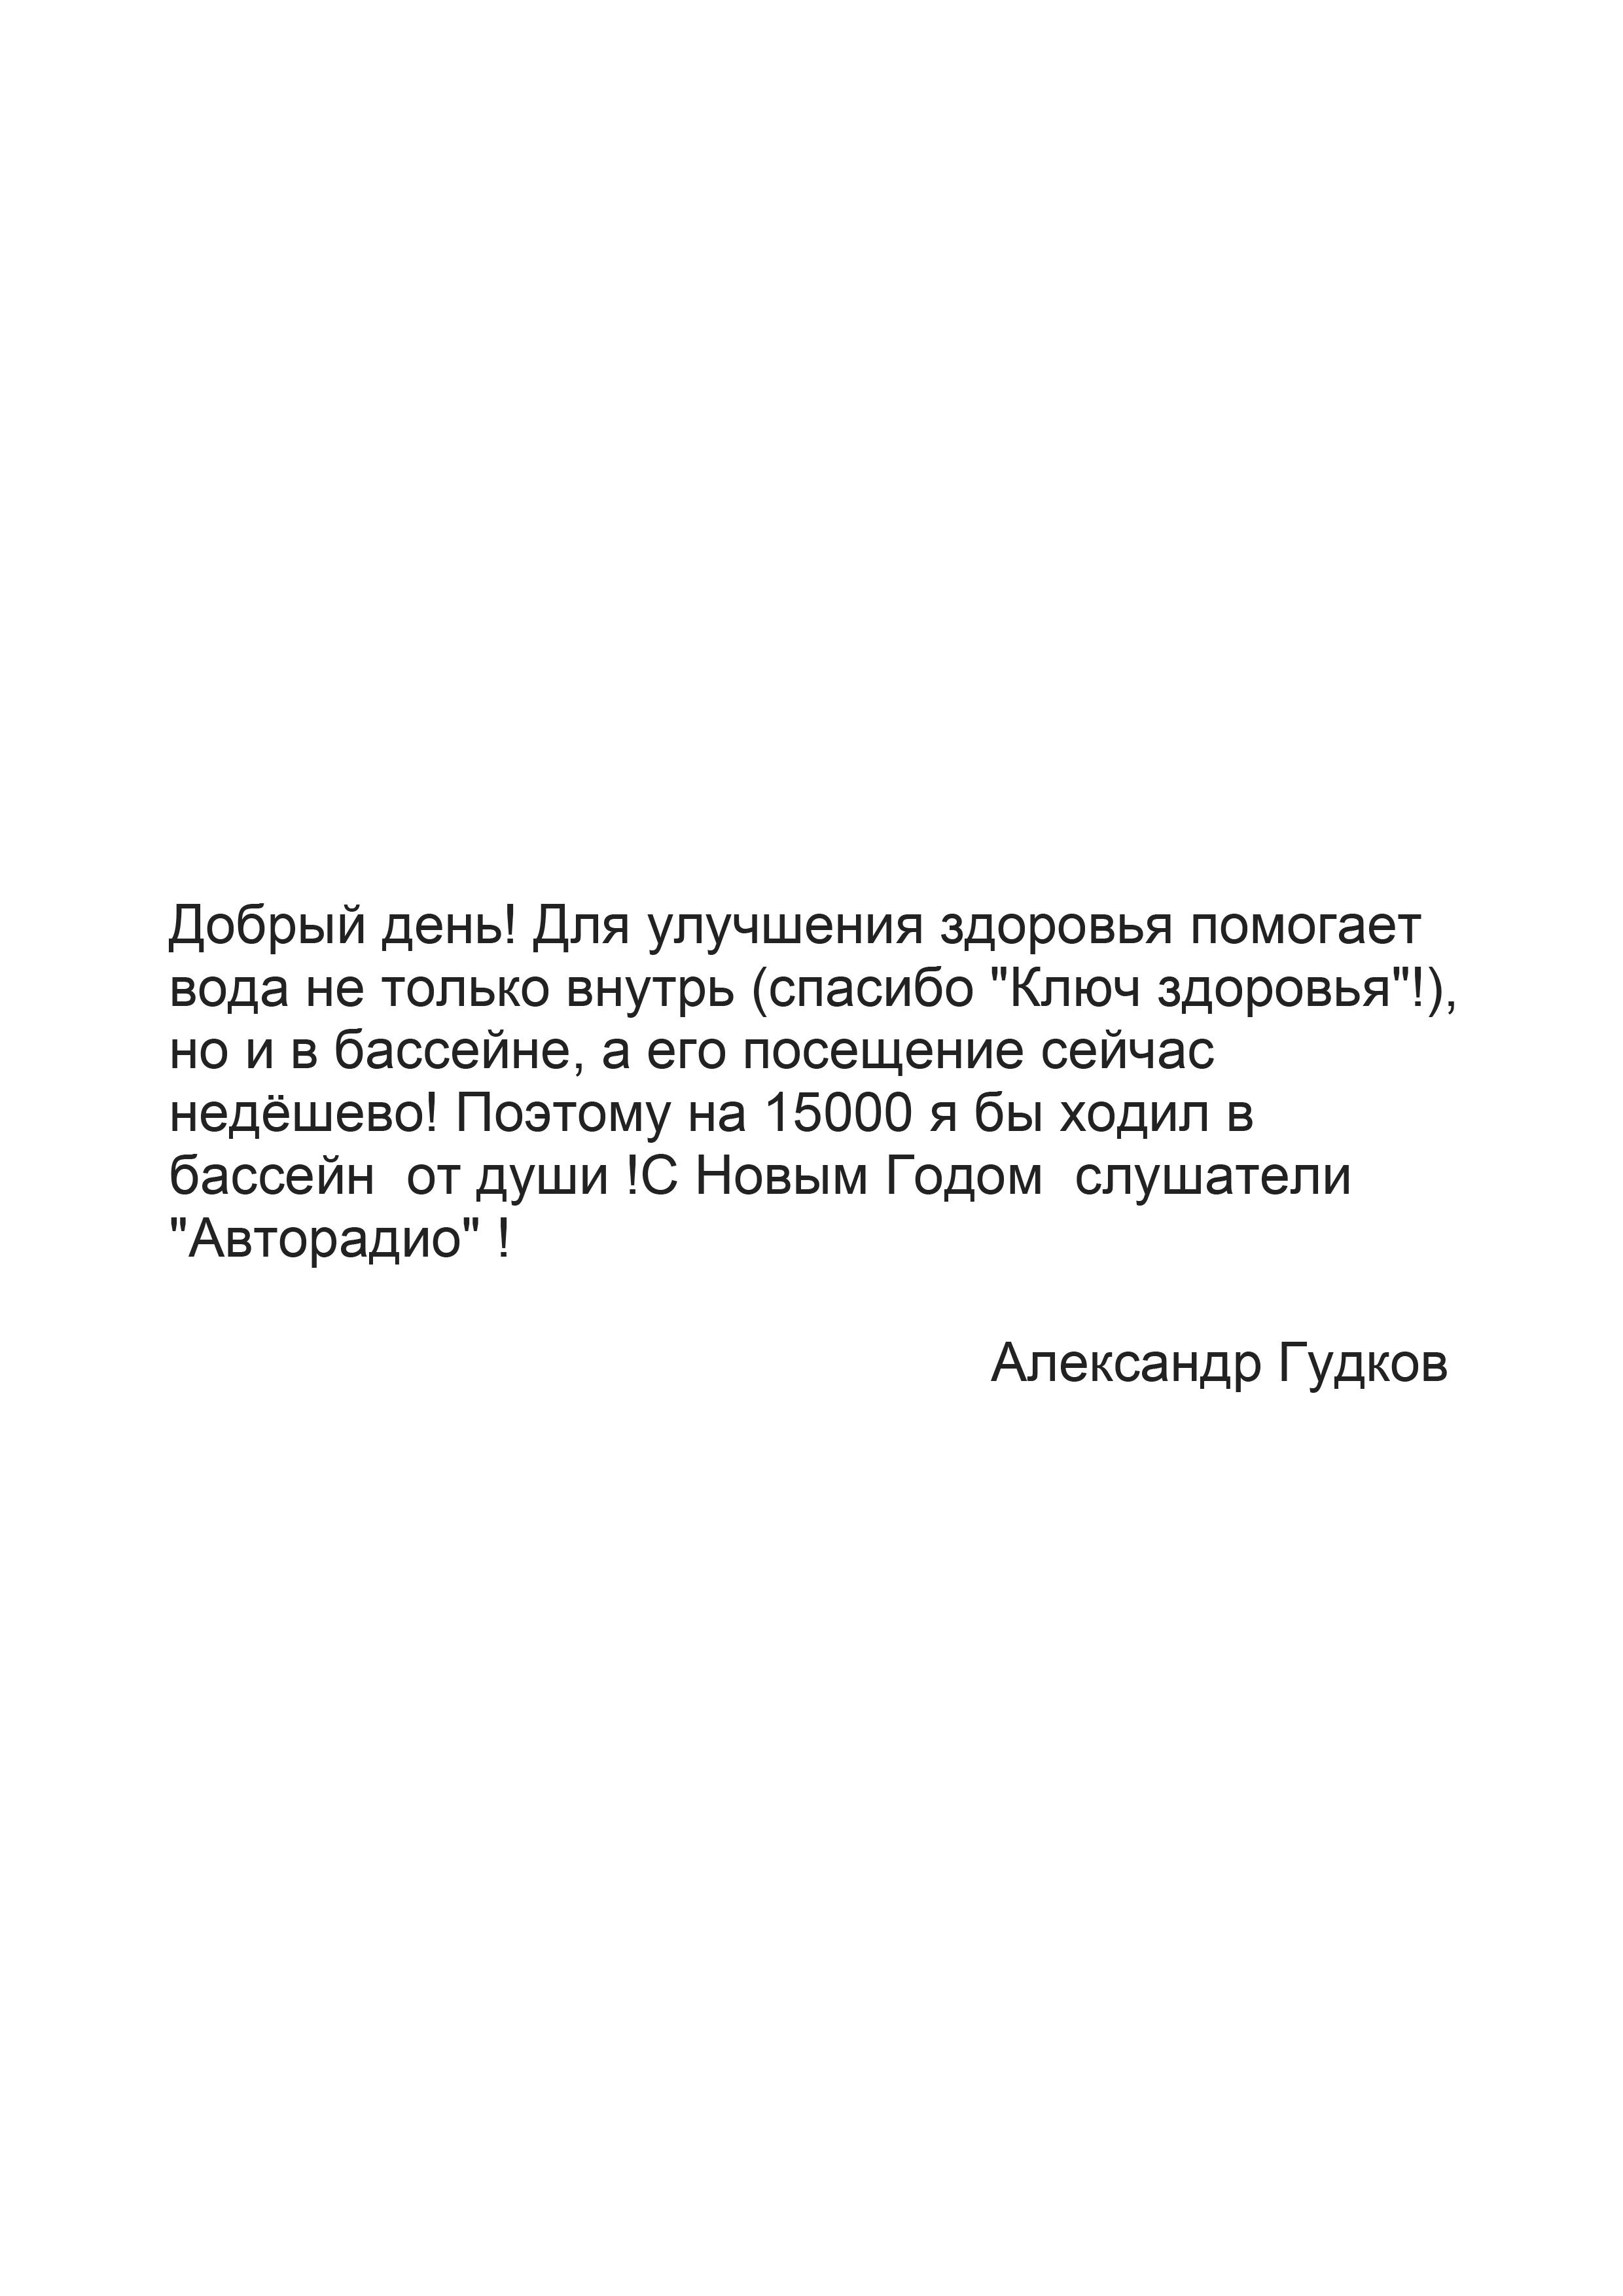 Победитель промежуточного этапа</br></br>Александр Гудков